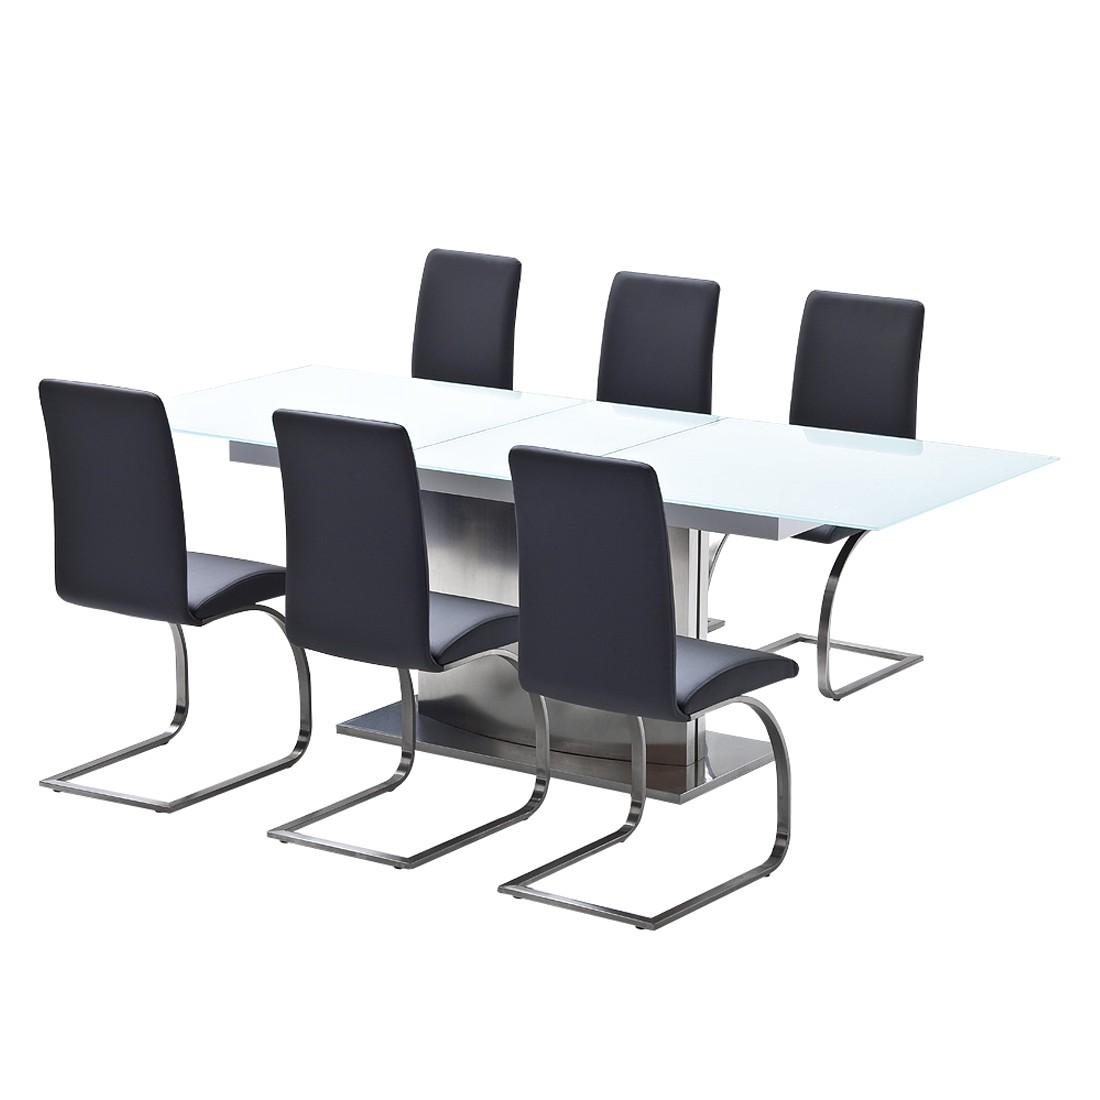 Home 24 - Ensemble de salle à manger memory (7 éléments) - verre / cuir synthétique - blanc / gris, bellinzona